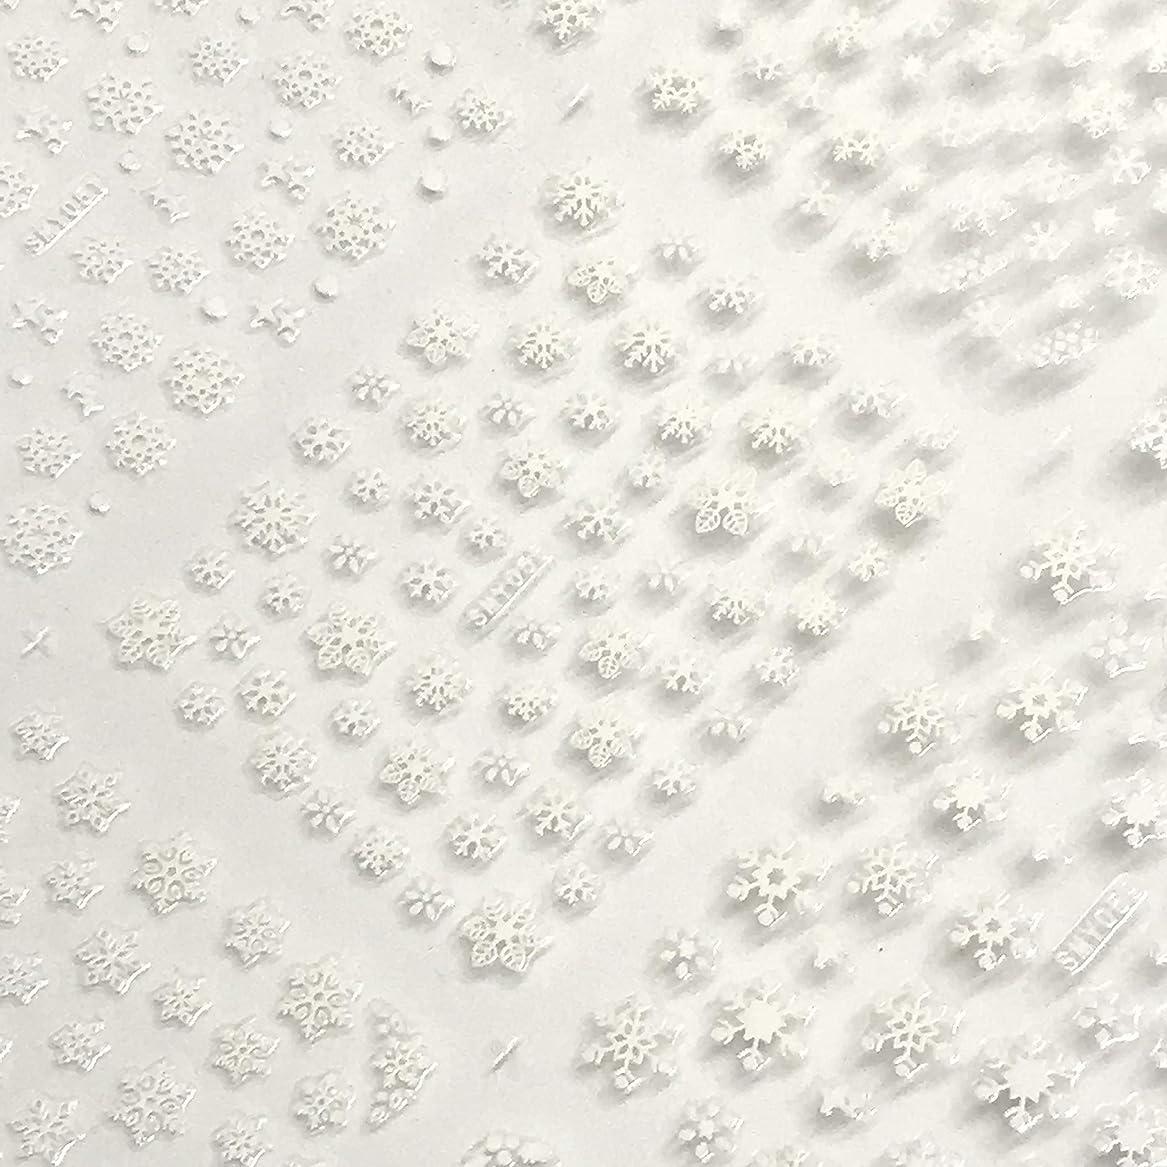 レザーコーン周囲雪の結晶シール 大判BIGビッグサイズ12種大容量ステッカー ネイル用文具貼り紙雪の花華スノー 3色選べる金銀白 冬 (白 White)